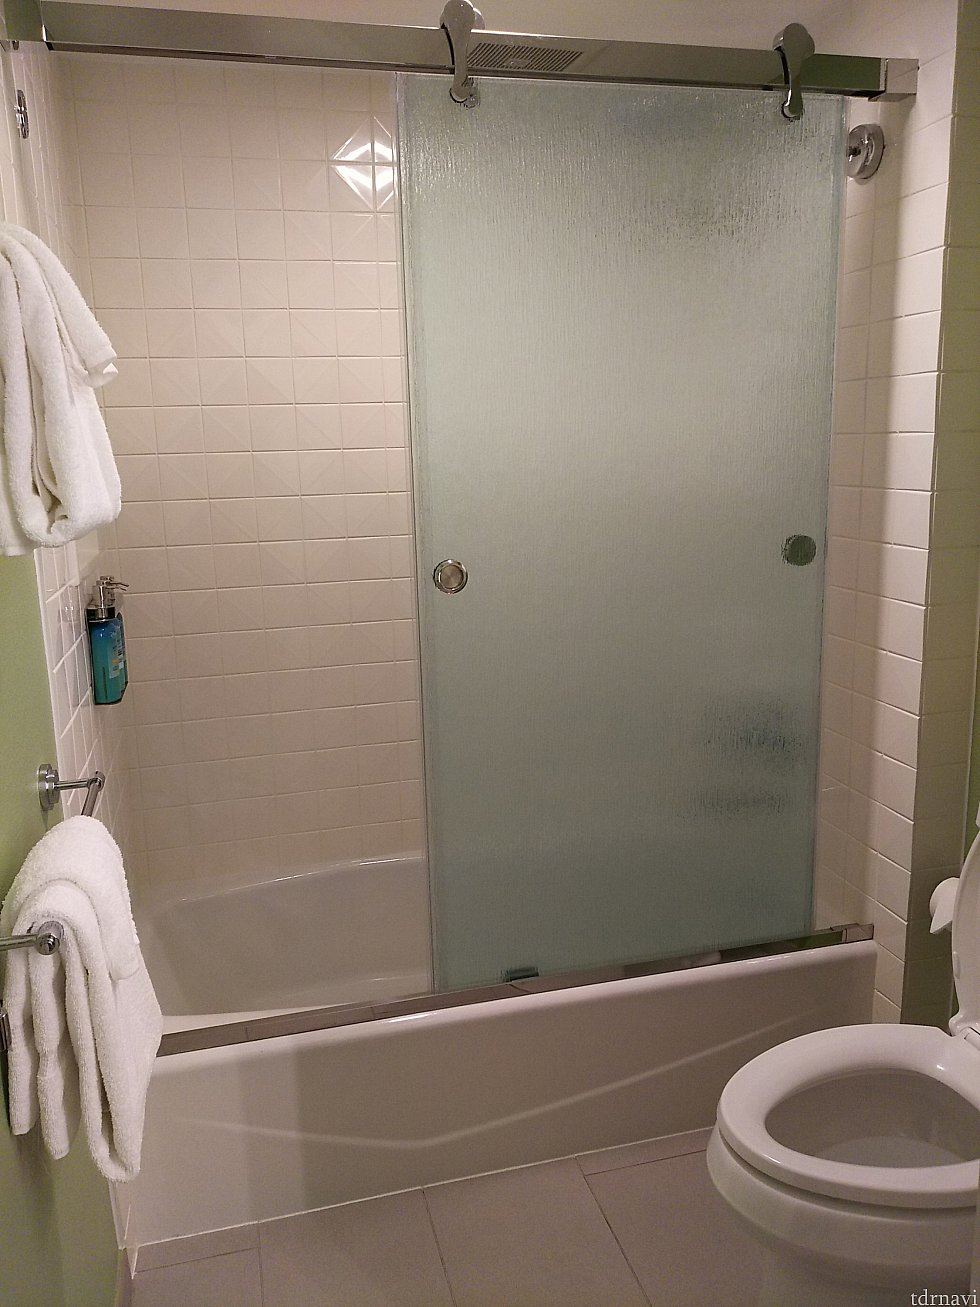 バスルームも明るくなった印象。タオルは右側、トイレの上にも置いてあるので、充分な量あります。